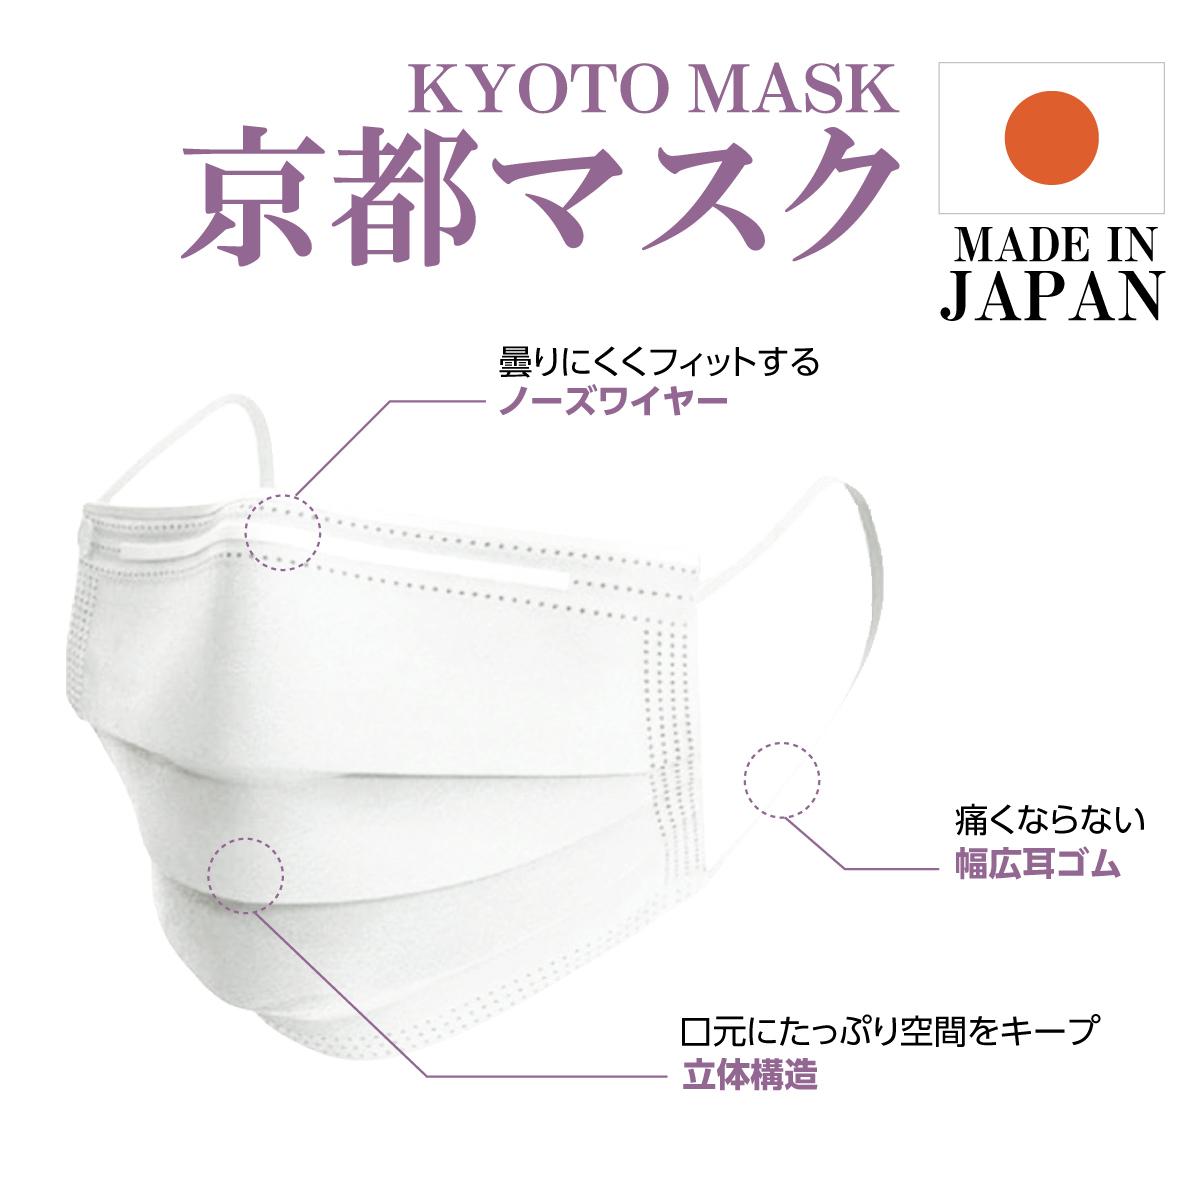 京都マスク